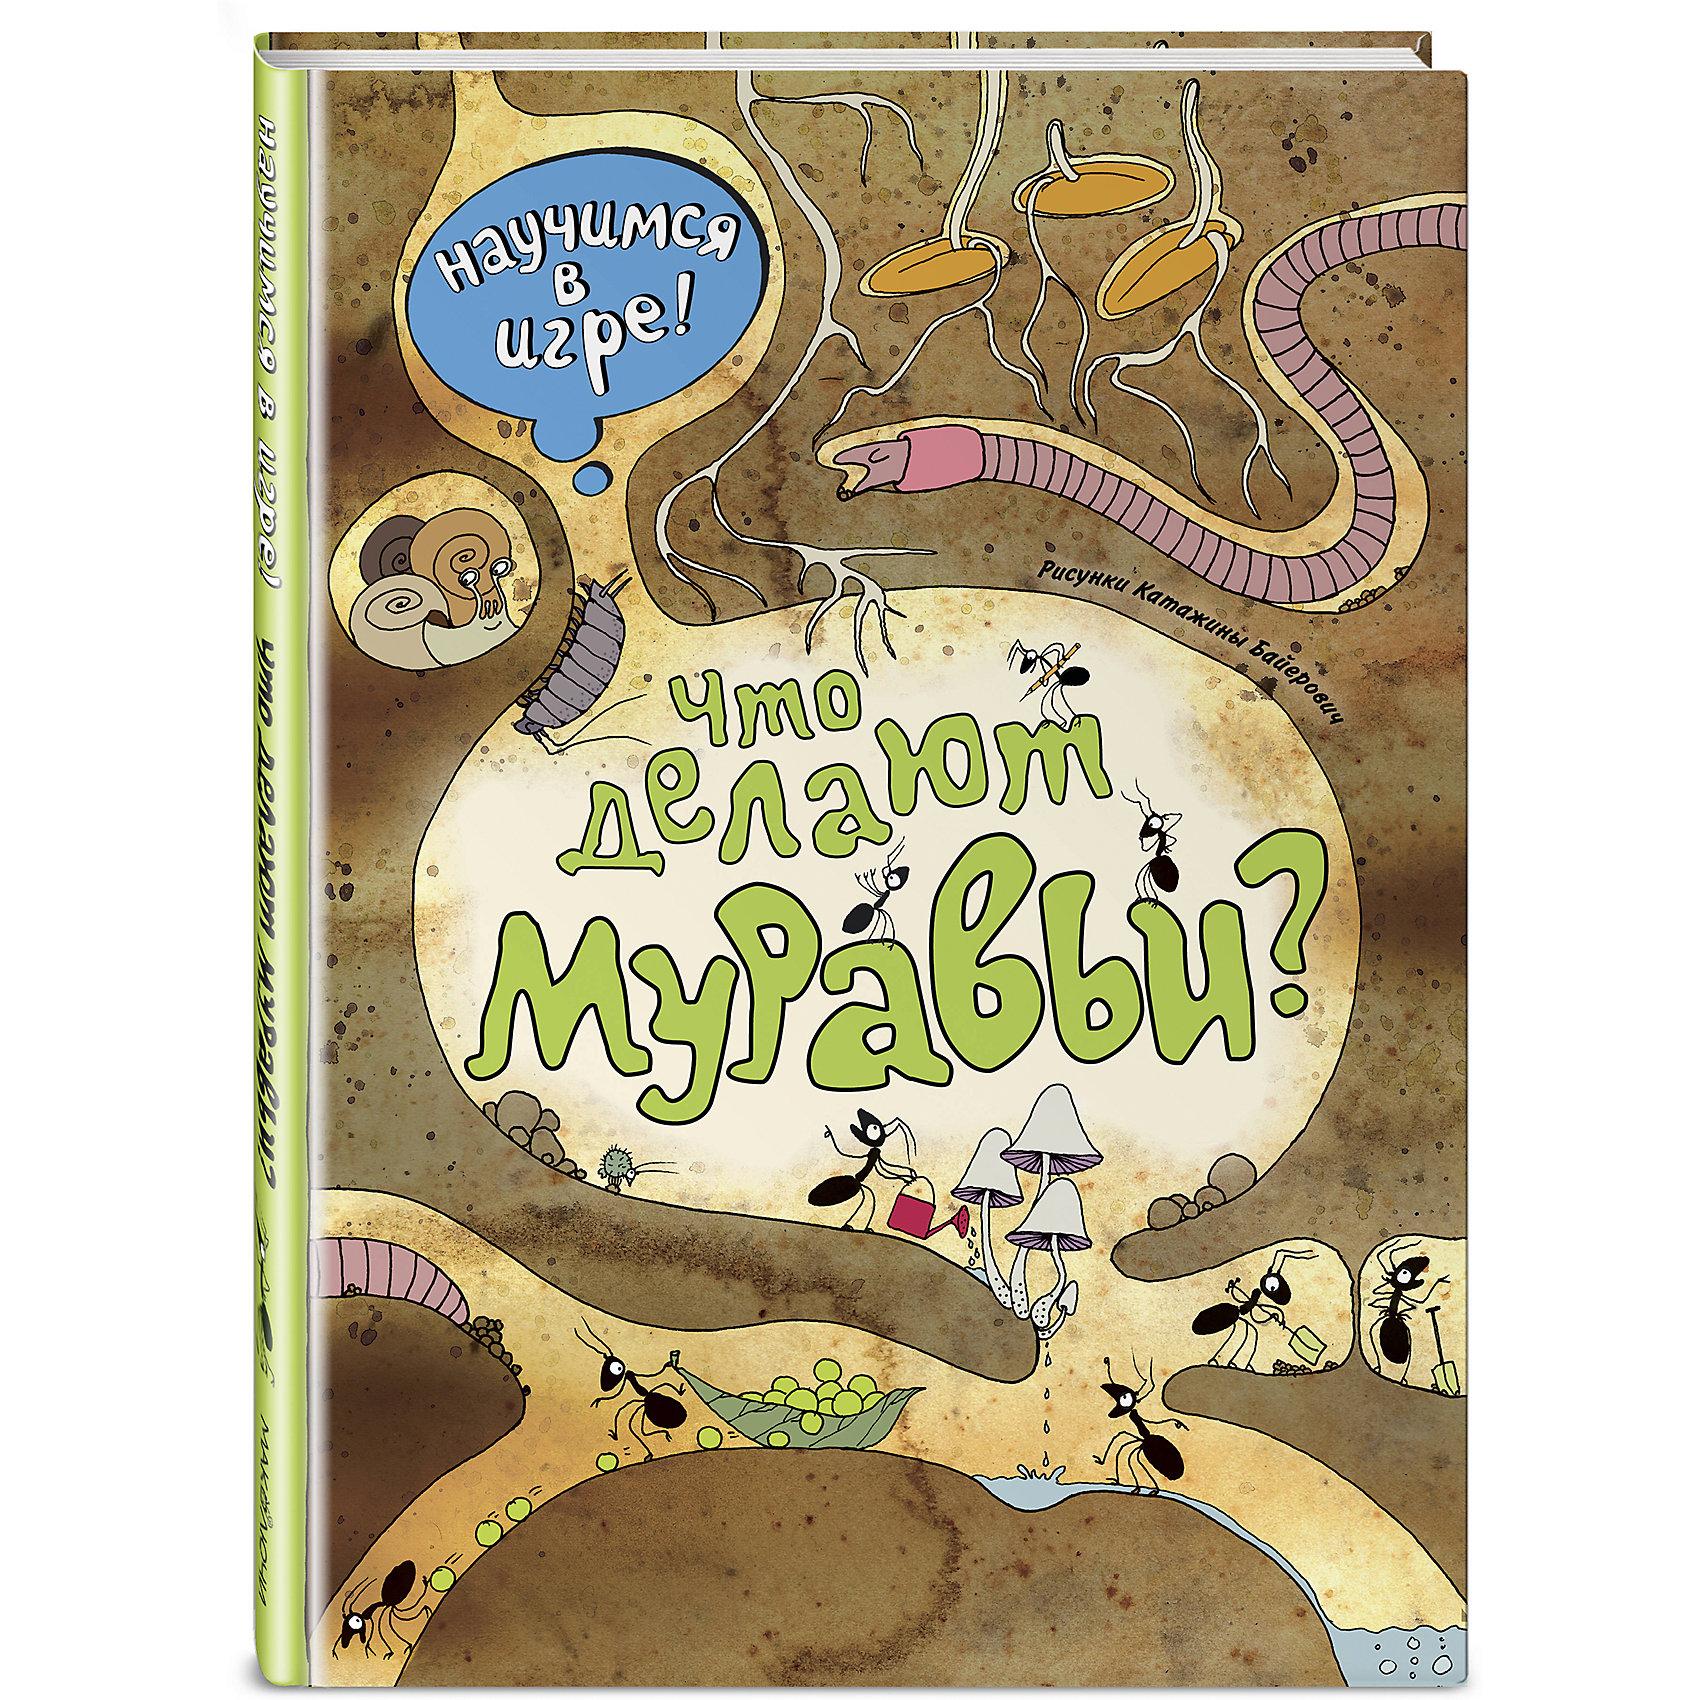 Что делают муравьи (ил. К. Байерович)Энциклопедии о животных<br>Чего только не происходит в муравейнике и рядом с ним! Это целый лабиринт, населённый маленькими существами. К ним стоит приглядеться!<br>Дети с самого раннего возраста любят разглядывать насекомых и готовы получать знания на эту тему. Воспользуйтесь этим! Эта книга не только для чтения, а для разглядывания, разгадывания и пересказывания. Попросите ребёнка найти определённые растения или животных, назвать или сосчитать определённые элементы, объединённые одним признаком, например цветом.<br>Создайте вместе рассказ о том, что происходит на картинке, почему насекомые ведут себя так, а не иначе. В книге есть и весёлые задания.<br>Маленький почемучка многому научится в игре и в действии, и такое обучение - самое эффективное! Вы заметите, как у ребёнка улучшатся воображение и речь, он приобретёт способность творческого решения проблем.<br>Читайте, играйте, разглядывайте весёлые картинки: всерьёз и в шутку, для науки и для забавы.<br>Для тех, кто уже вырос и успел забыть, что мир прекрасен, забавен и интересен, и для всех детей от двух до ста лет - эта книга.<br><br>Ширина мм: 300<br>Глубина мм: 210<br>Высота мм: 73<br>Вес г: 673<br>Возраст от месяцев: 36<br>Возраст до месяцев: 72<br>Пол: Унисекс<br>Возраст: Детский<br>SKU: 5004996